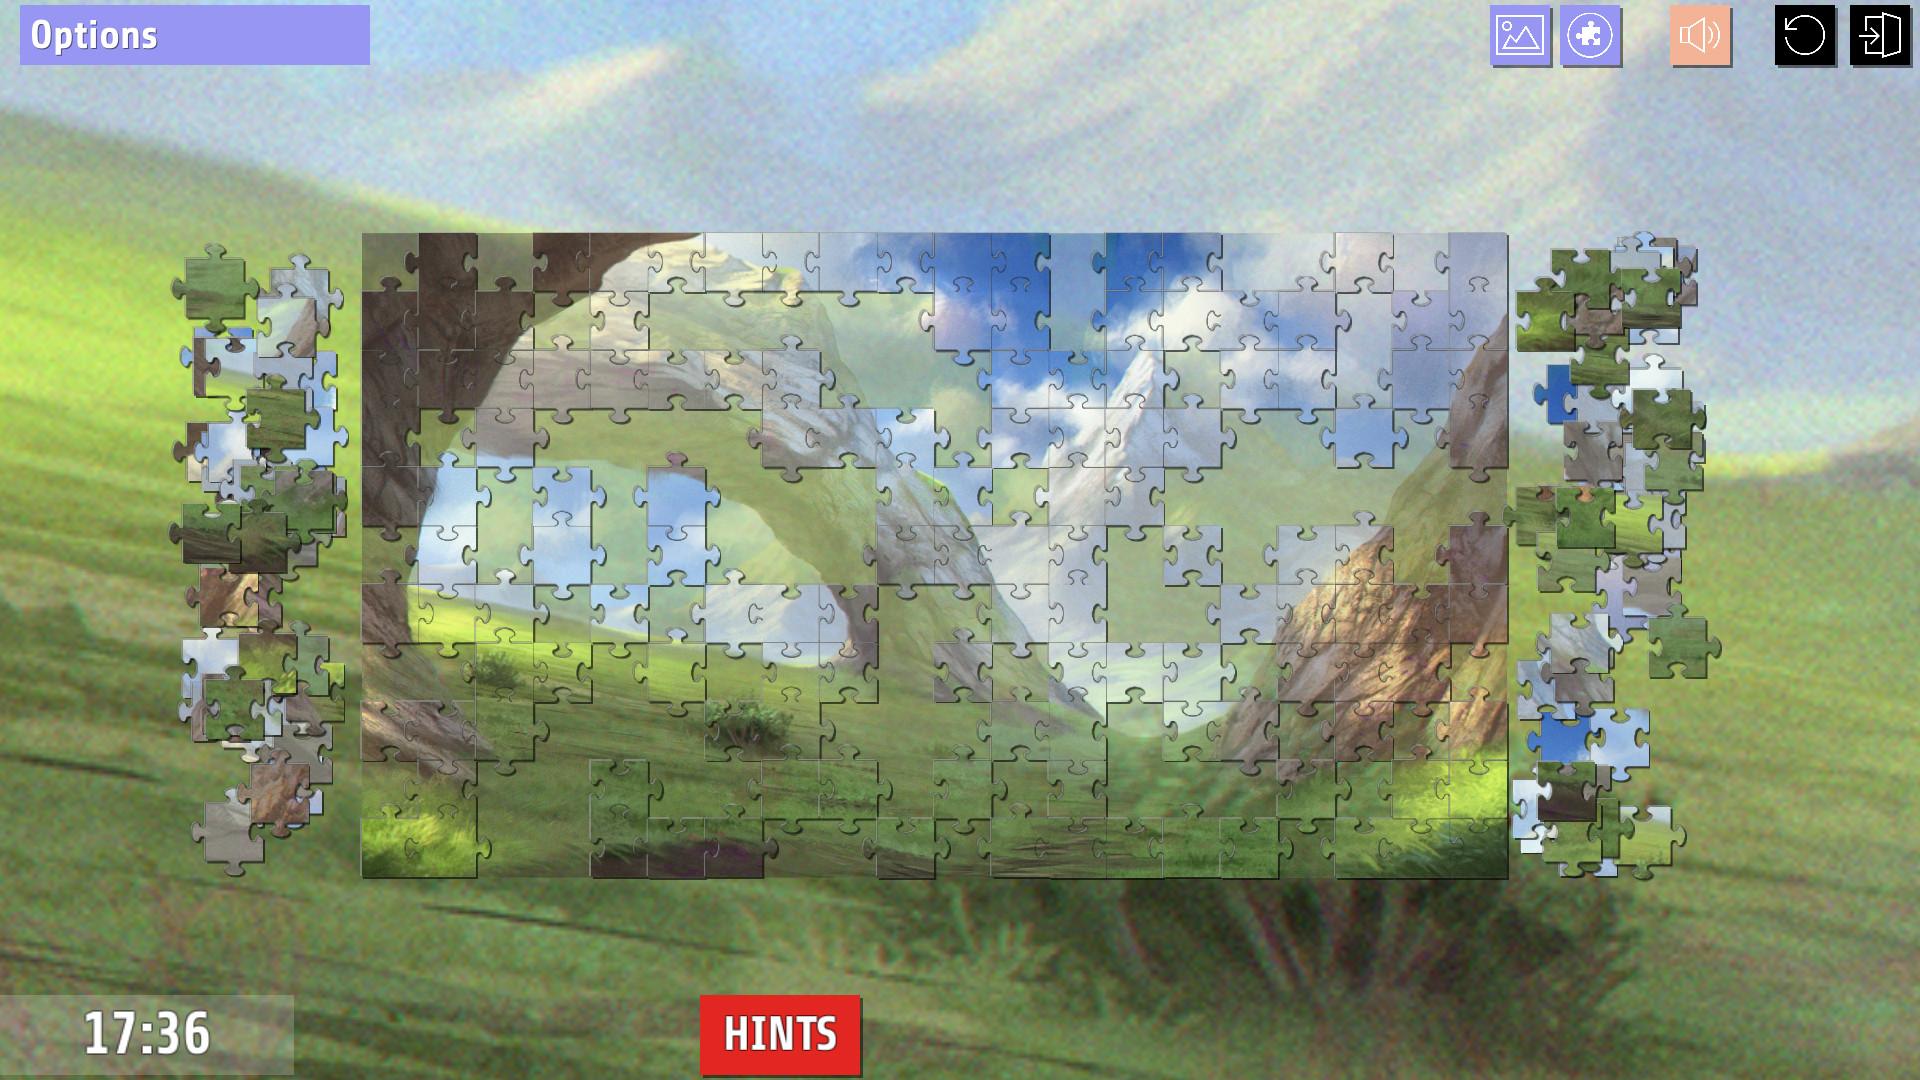 My Jigsaw Adventures 1: Roads of Life Ss_6e88965d49dbe83999d4351bb8140d43e6940792.1920x1080